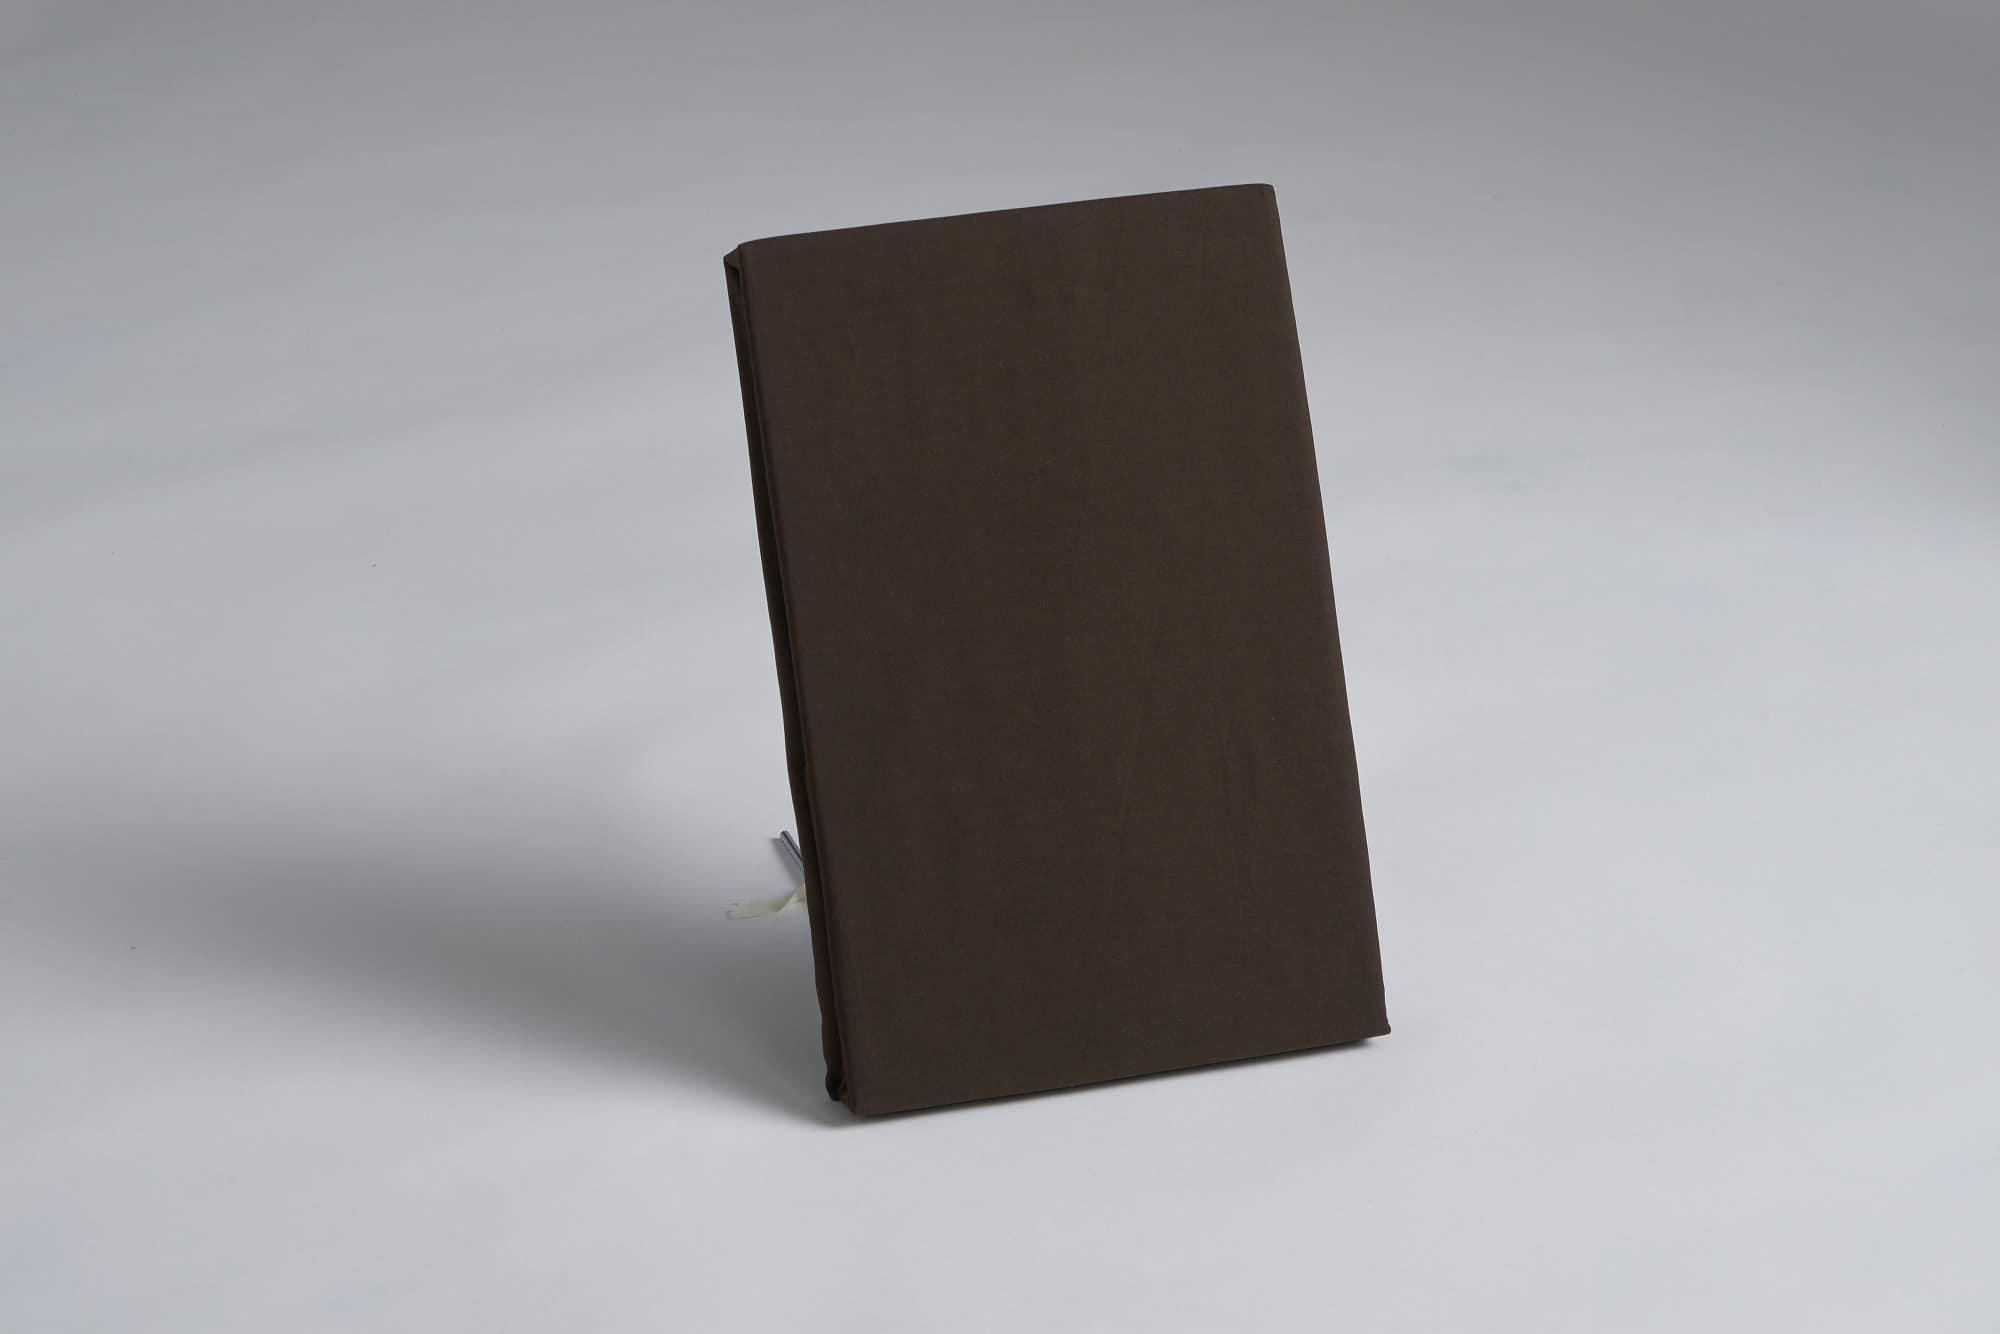 ボックスシーツ ダブル用 45H ブラウン:《綿100%を使用したボックスシーツ》